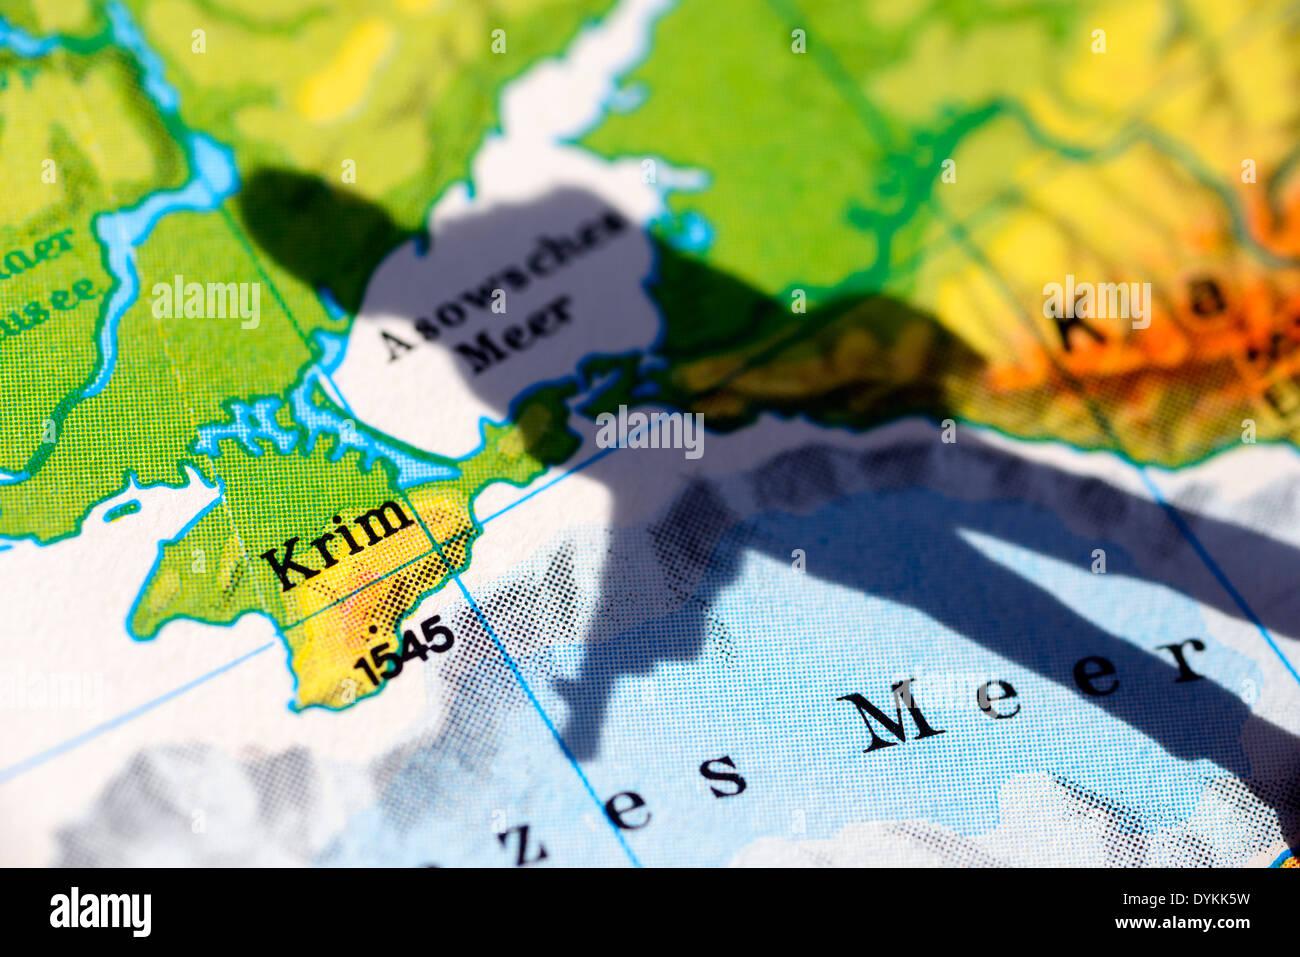 Die Krim auf einer Landkarte und Schatten eines Soldaten, Krim-Krise - Stock Image